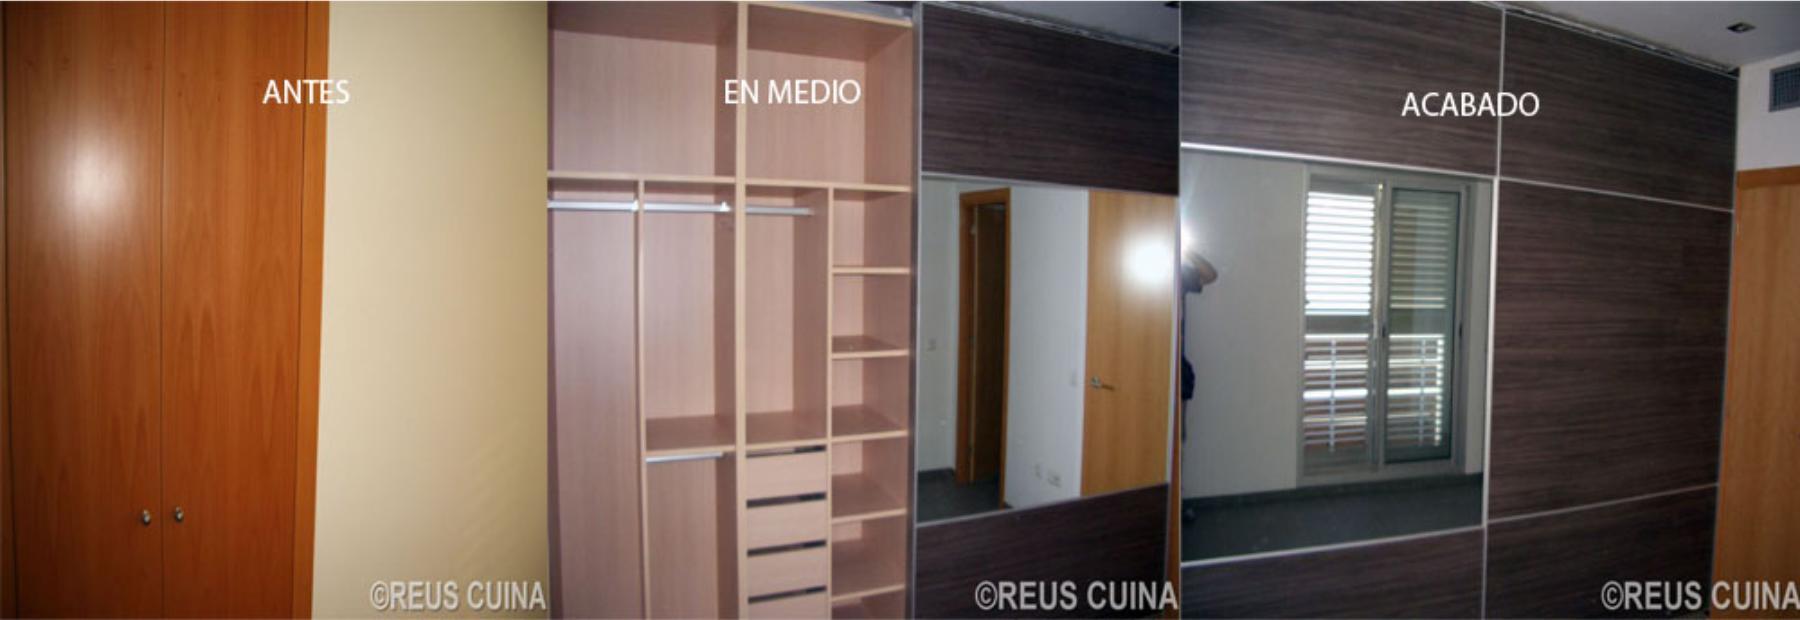 Reuscuina - Precio armario empotrado 2 metros ...